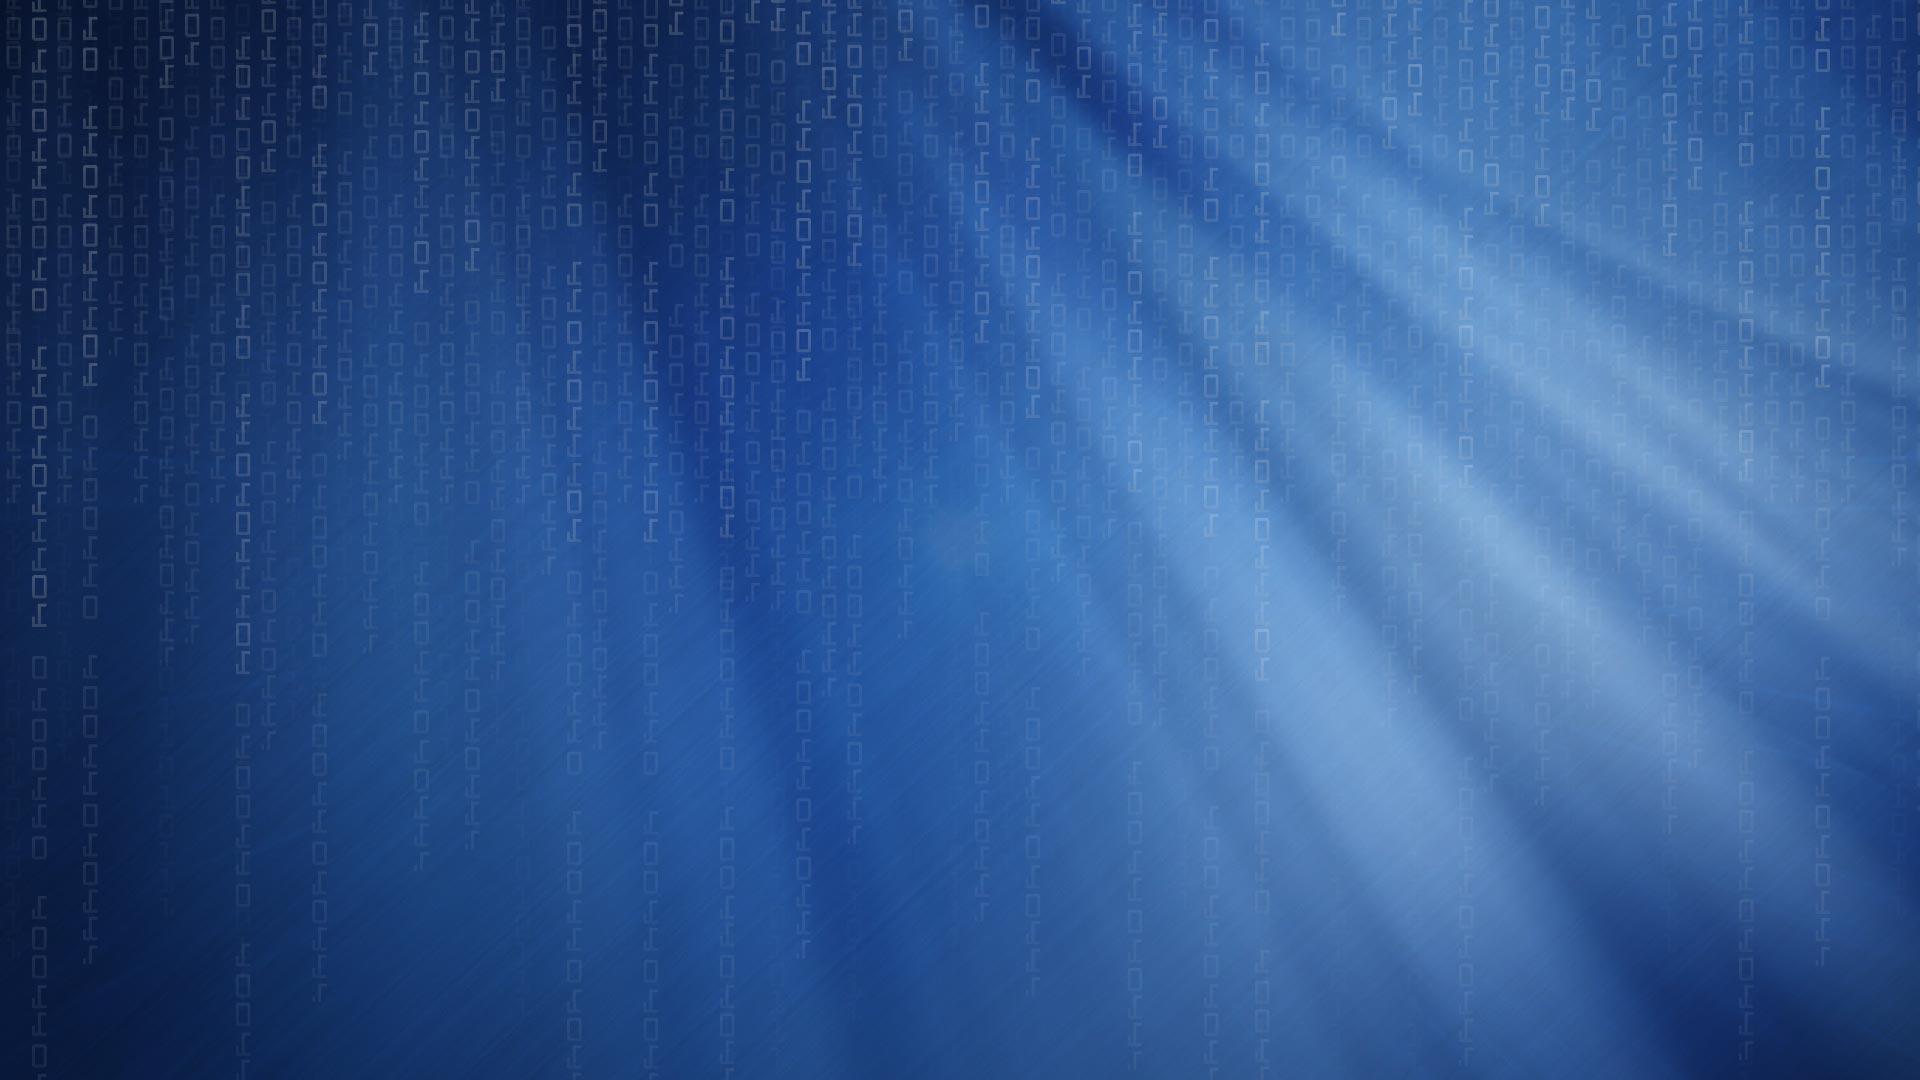 210901-Cerlerium-background